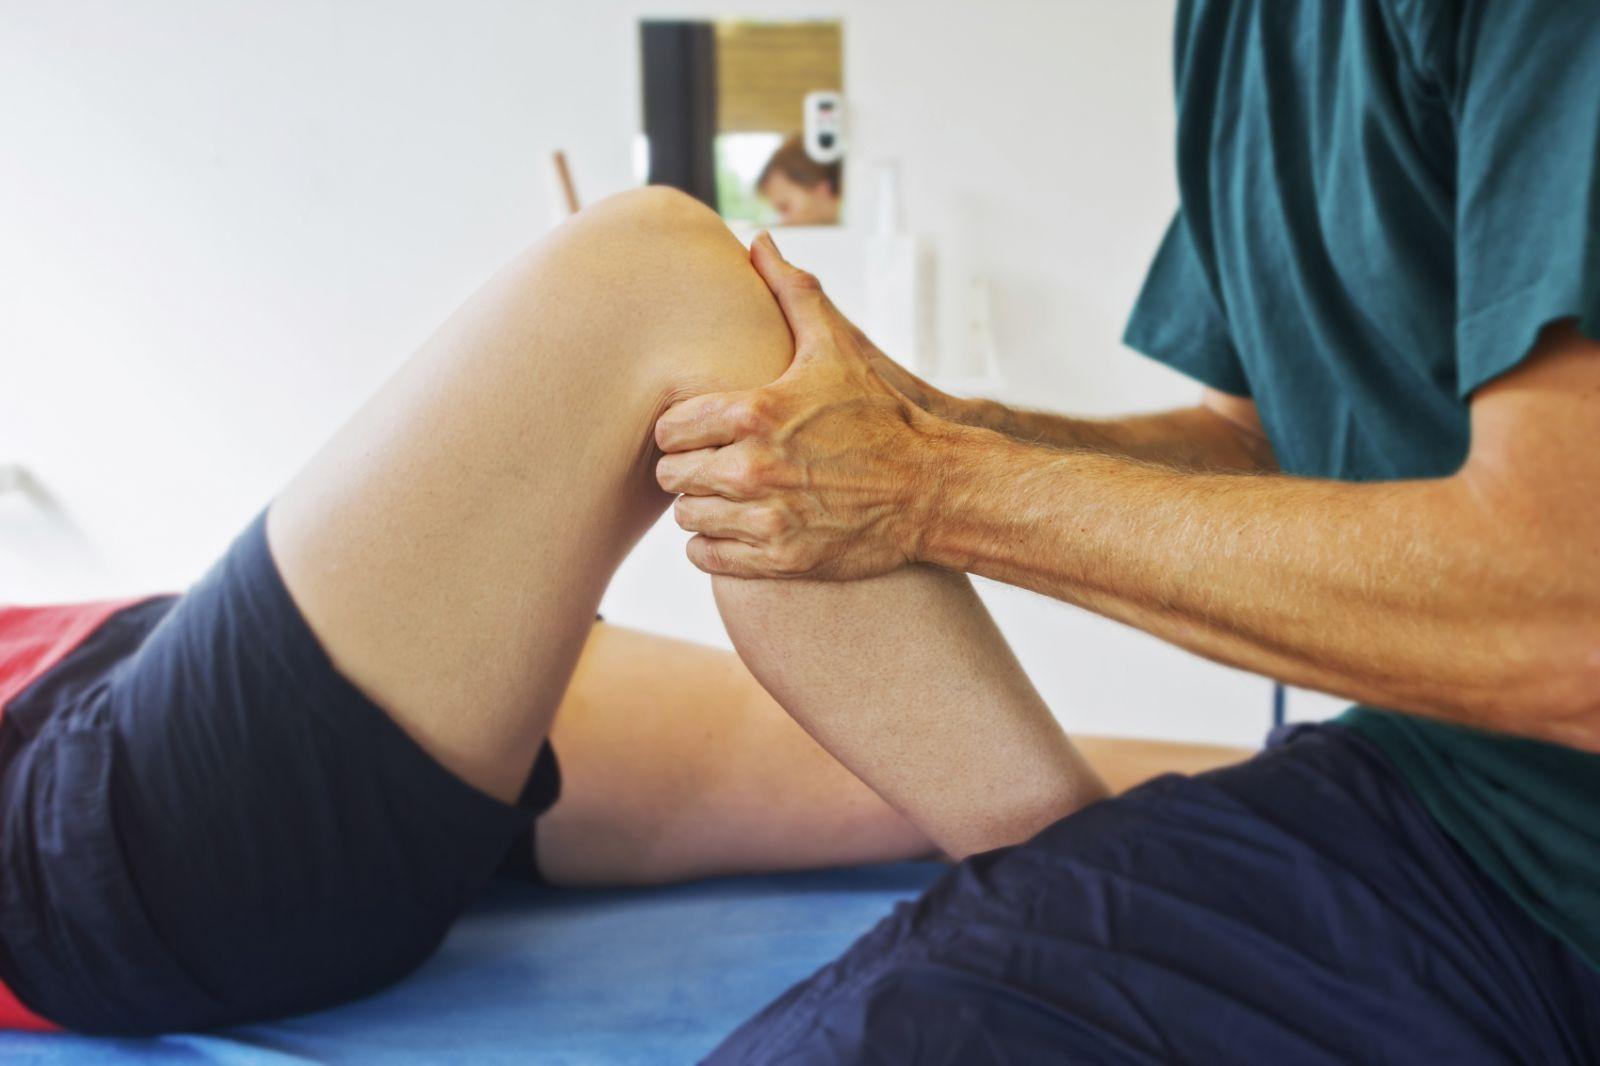 Tràn dịch khớp gối sau chấn thương có nguy hiểm không? Nếu không chữa trị có tự khỏi được không? 1